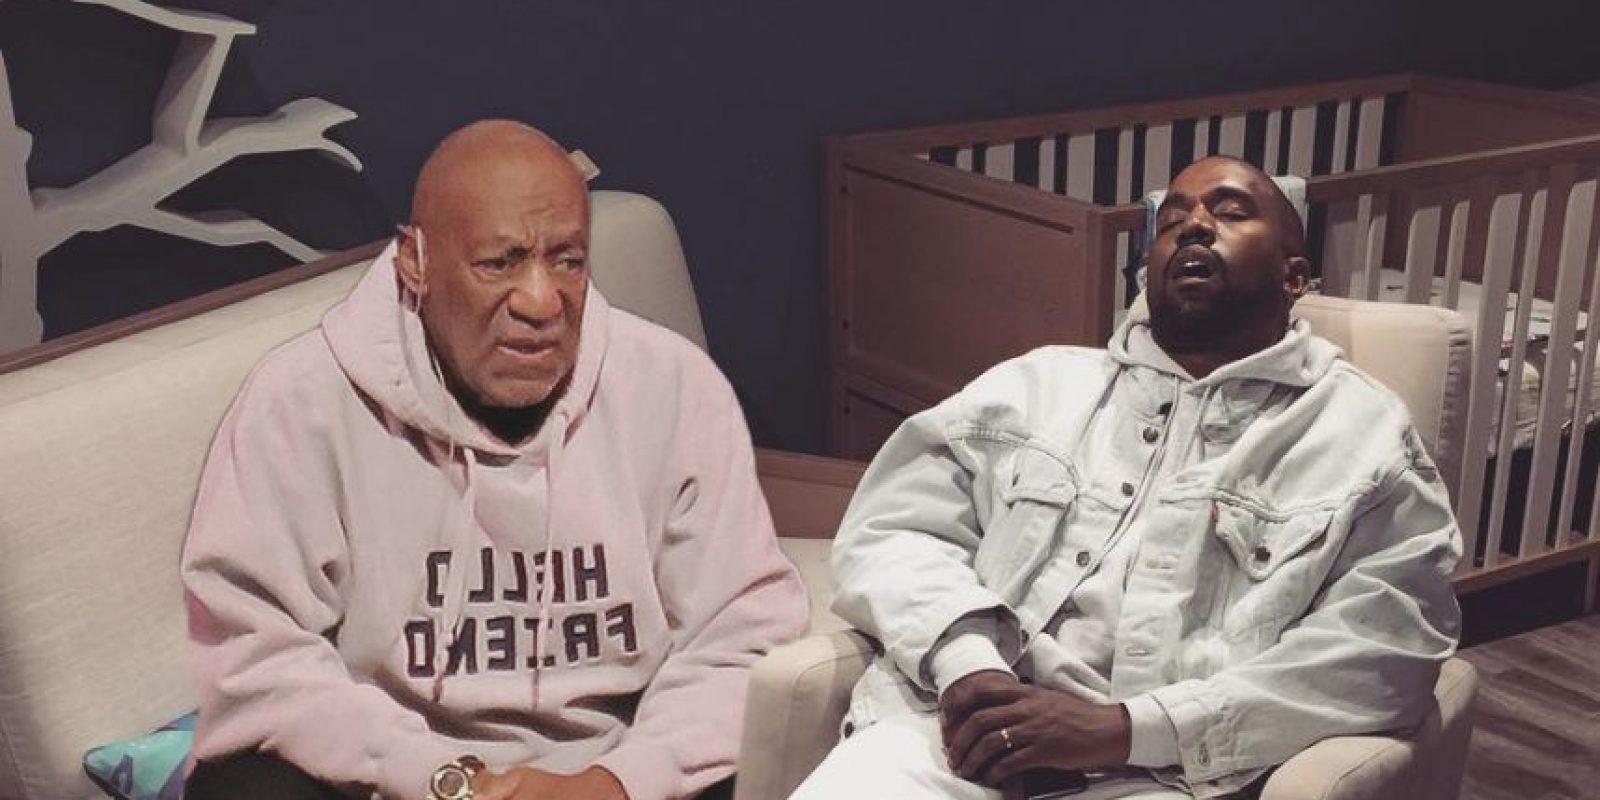 """De su """"defensa"""" hacia Bill Cosby, acusado de violación a menores Foto:Imgur / Reddit"""